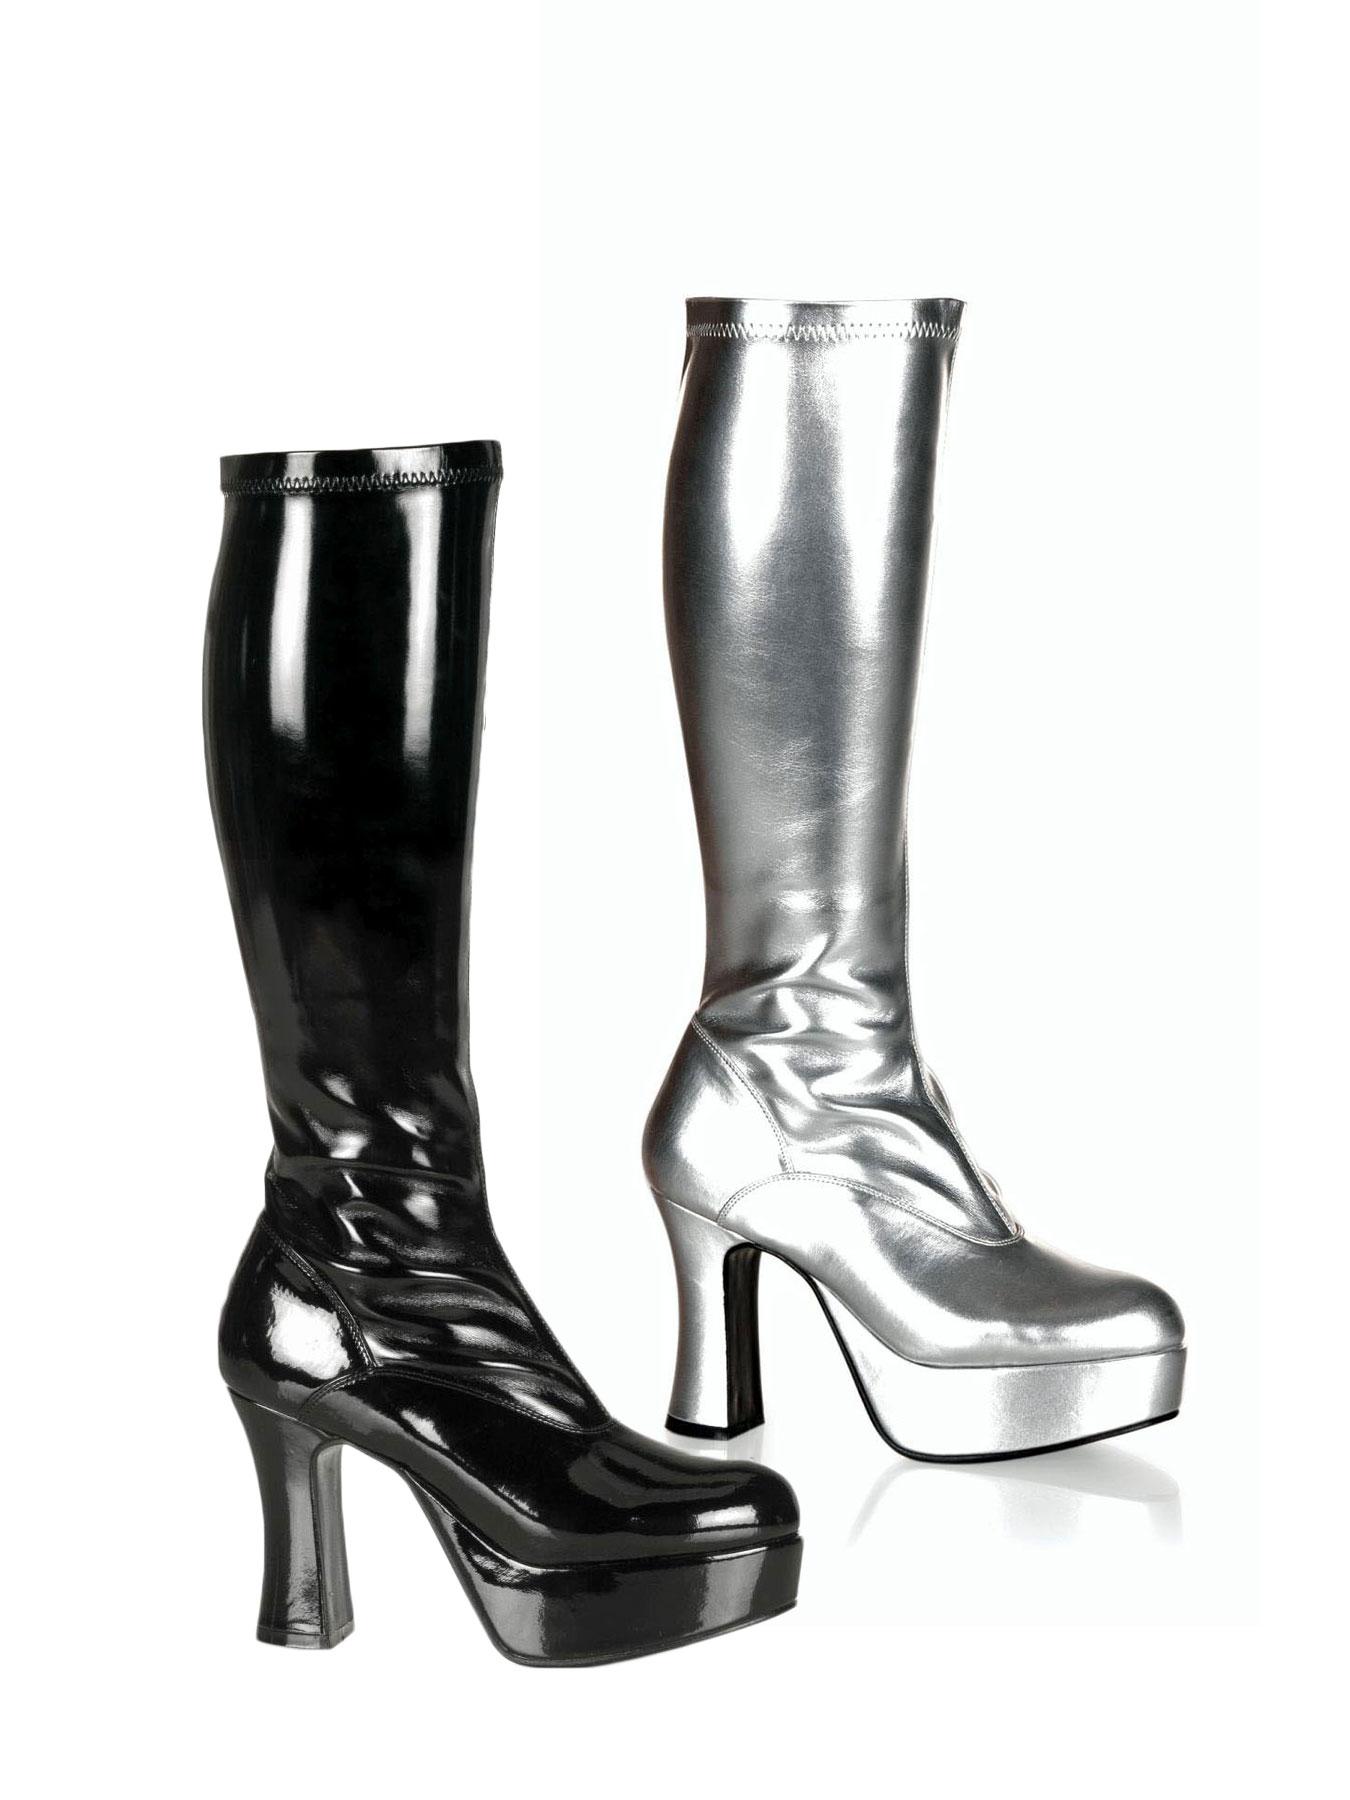 hot girl gogo stiefel lack schwarz overknee ebay. Black Bedroom Furniture Sets. Home Design Ideas